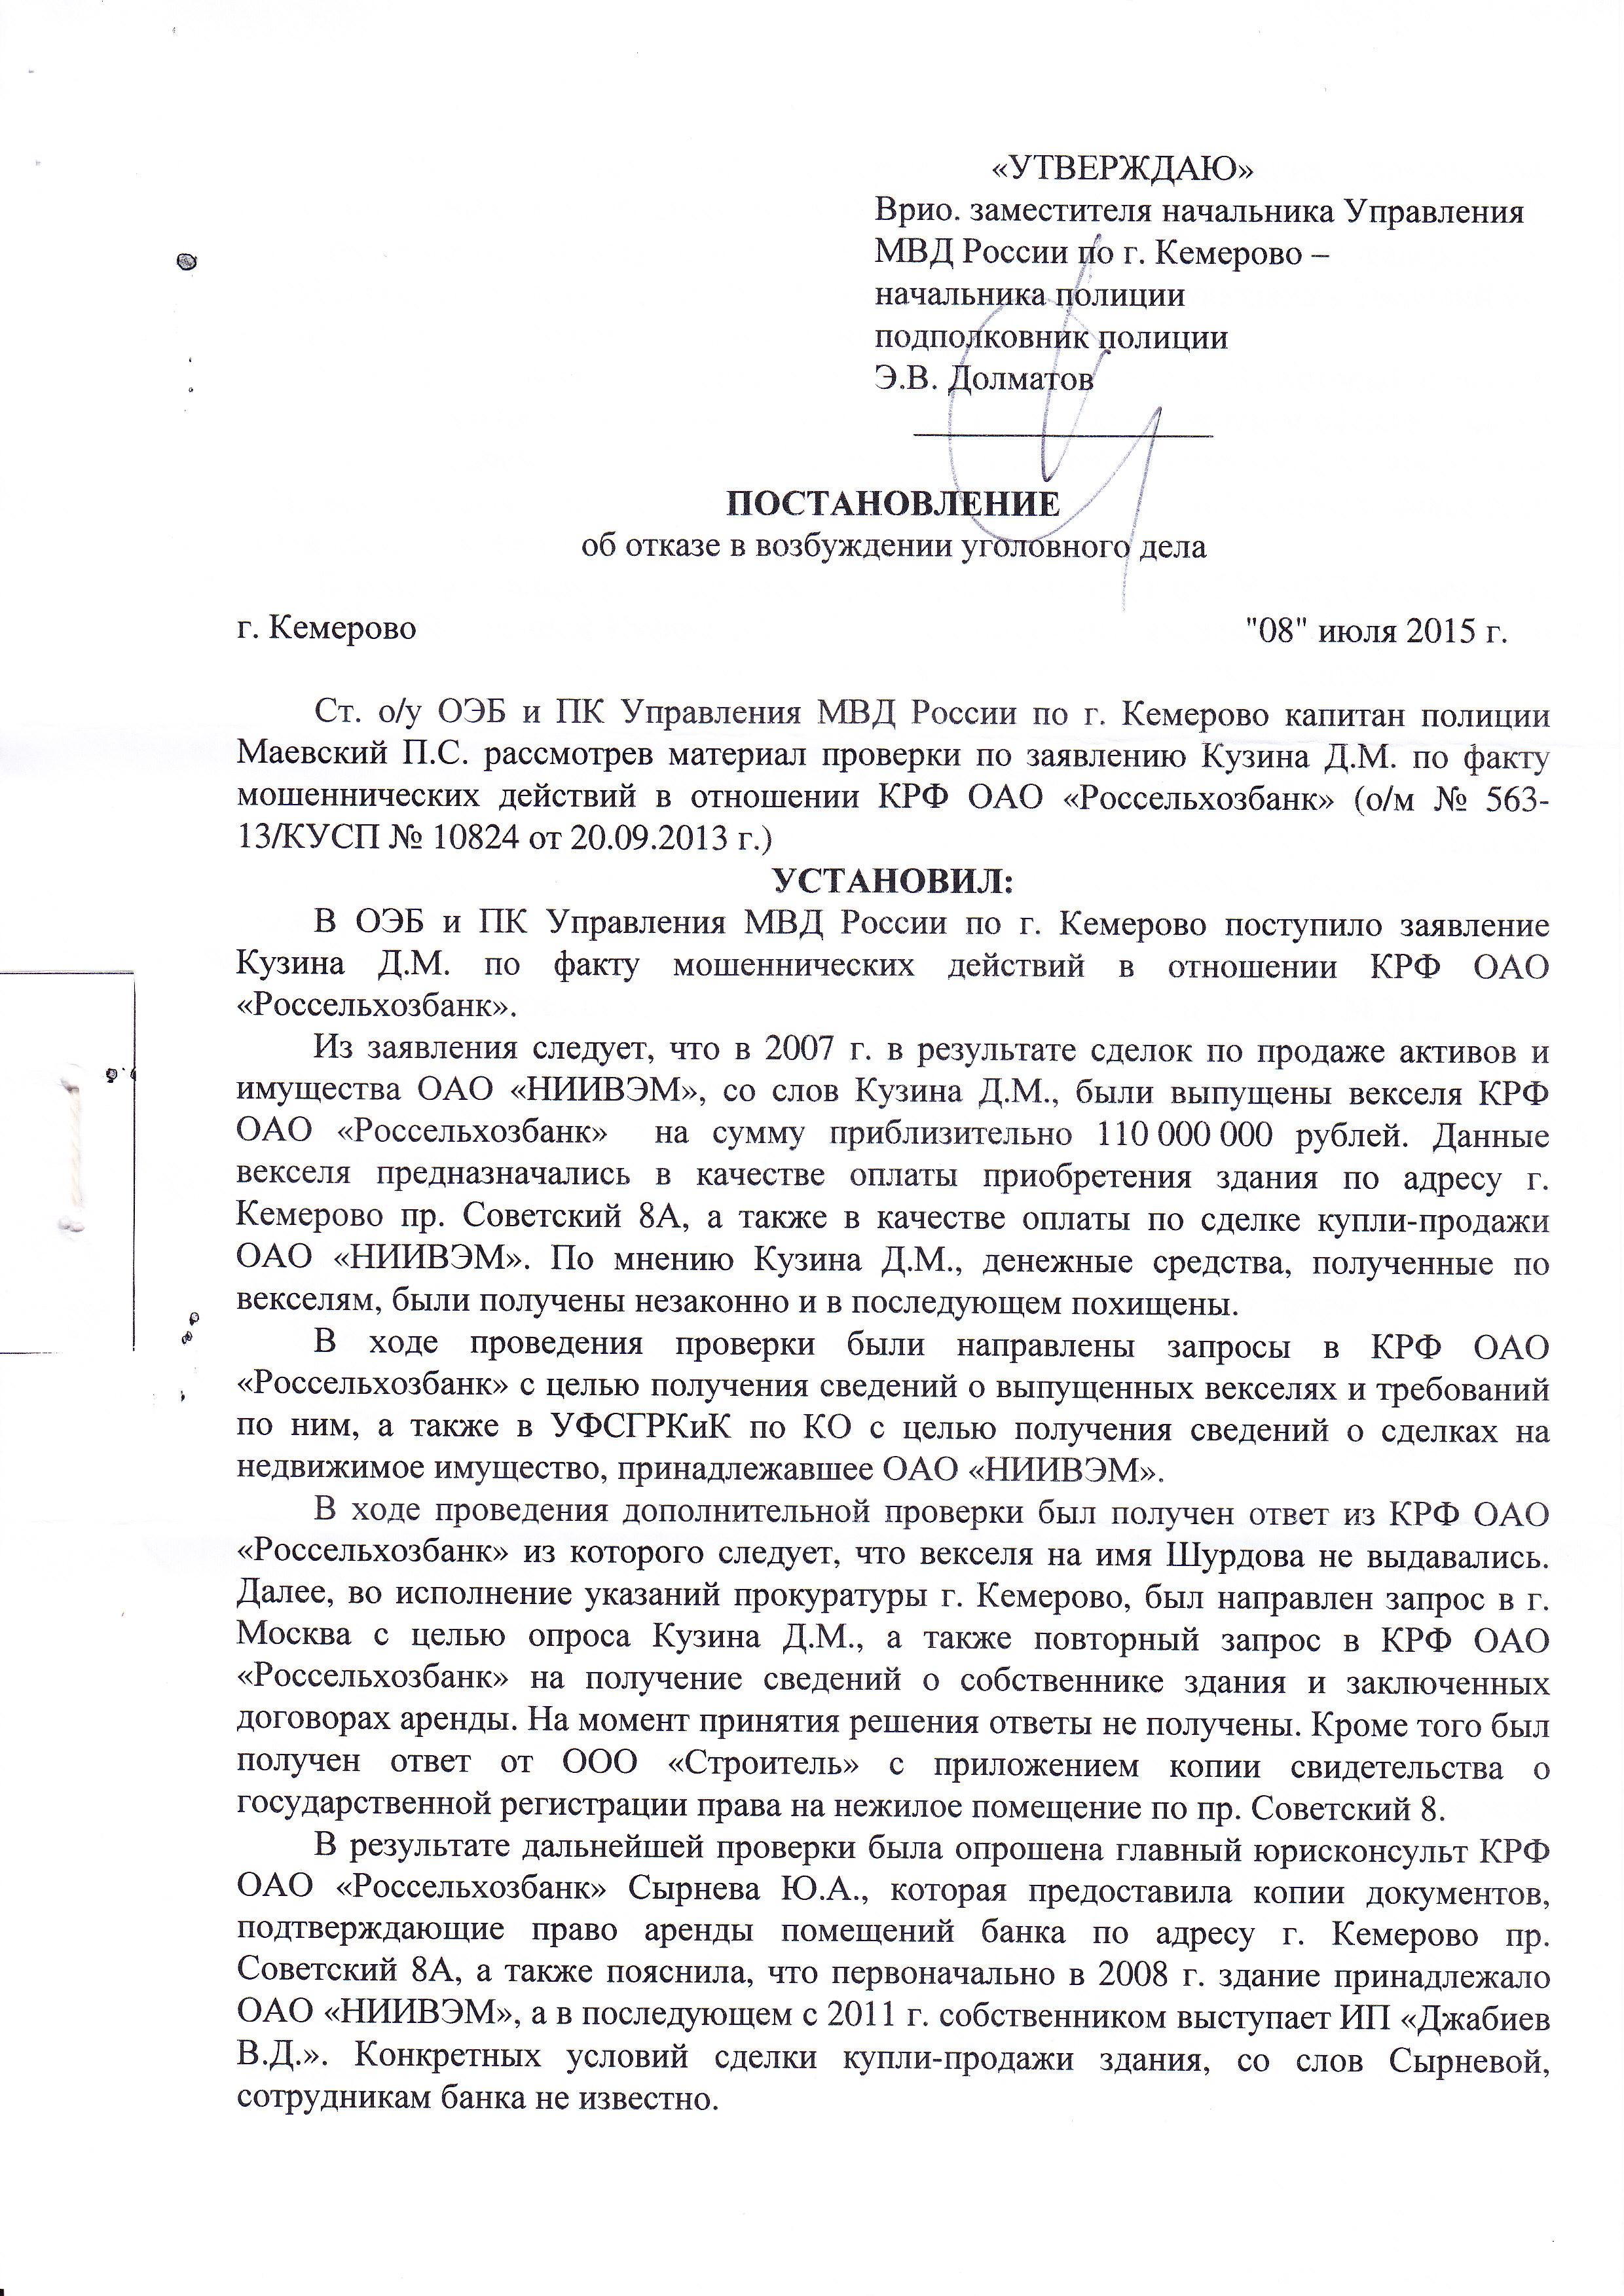 Постановление УВД Кемерова от 08 07 2015 - 1 с